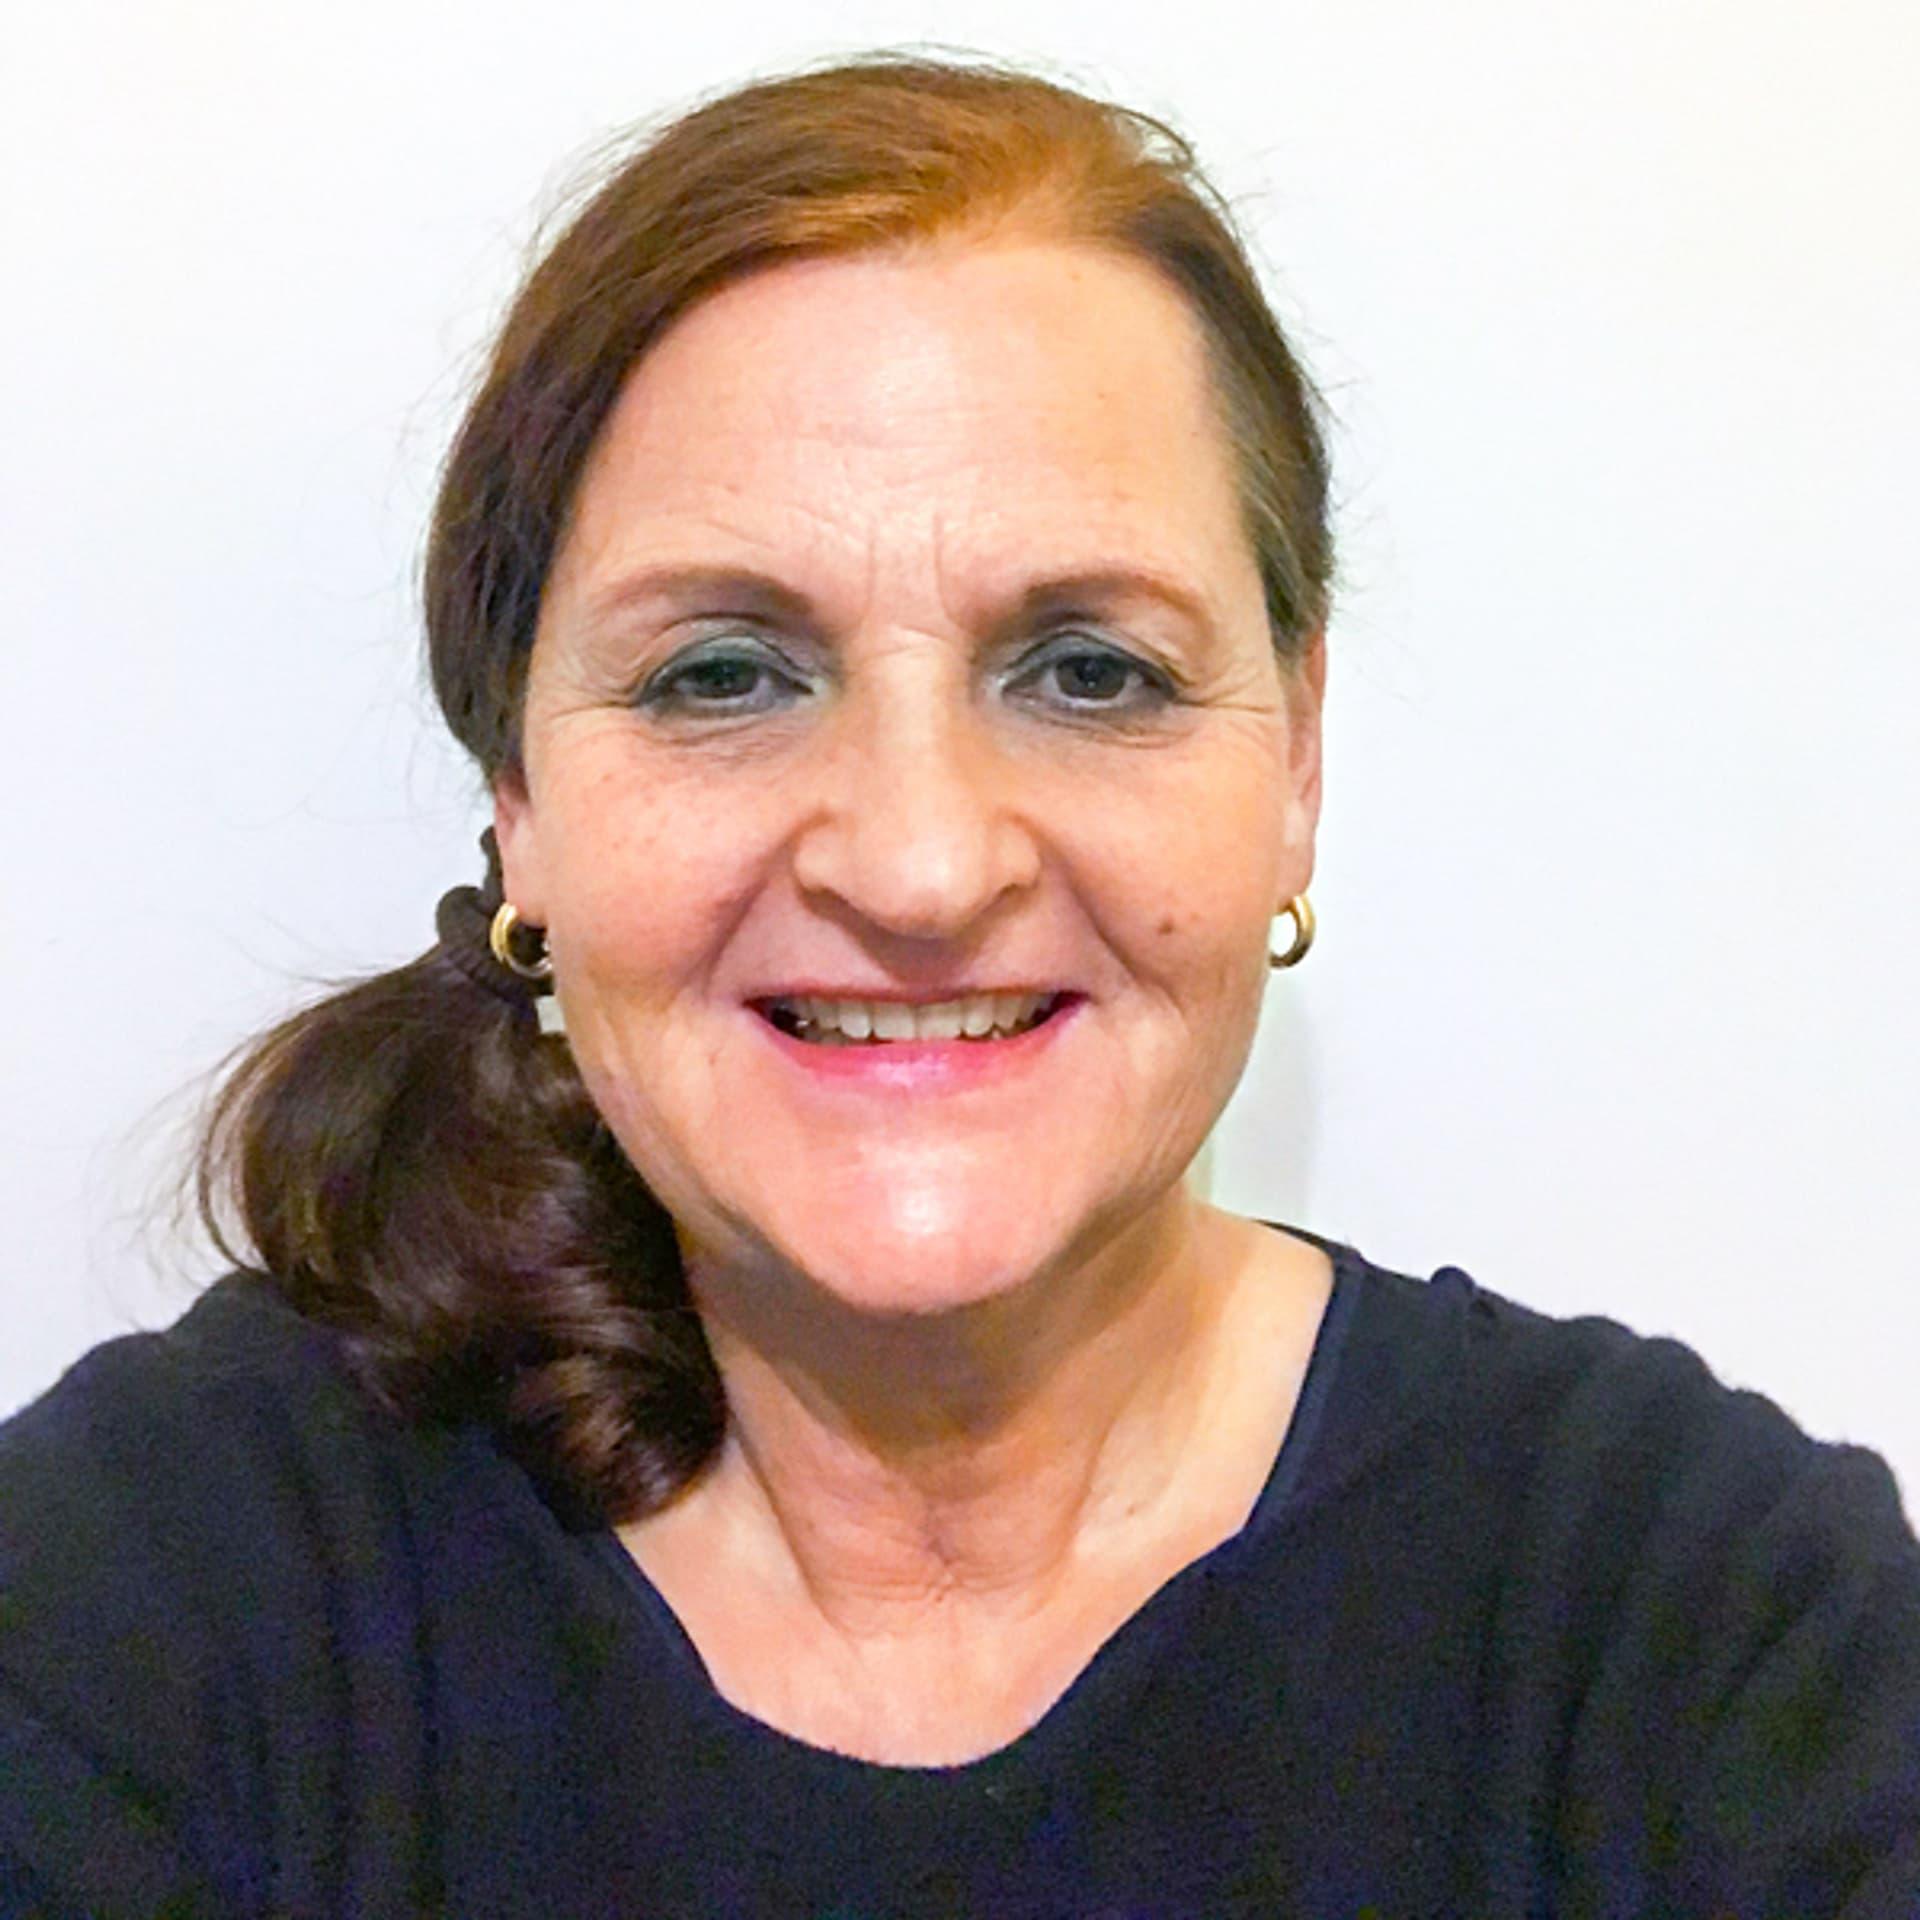 Tina Otte, Filialleiterin von Terra Verde in Bad-Homburg/Hessen